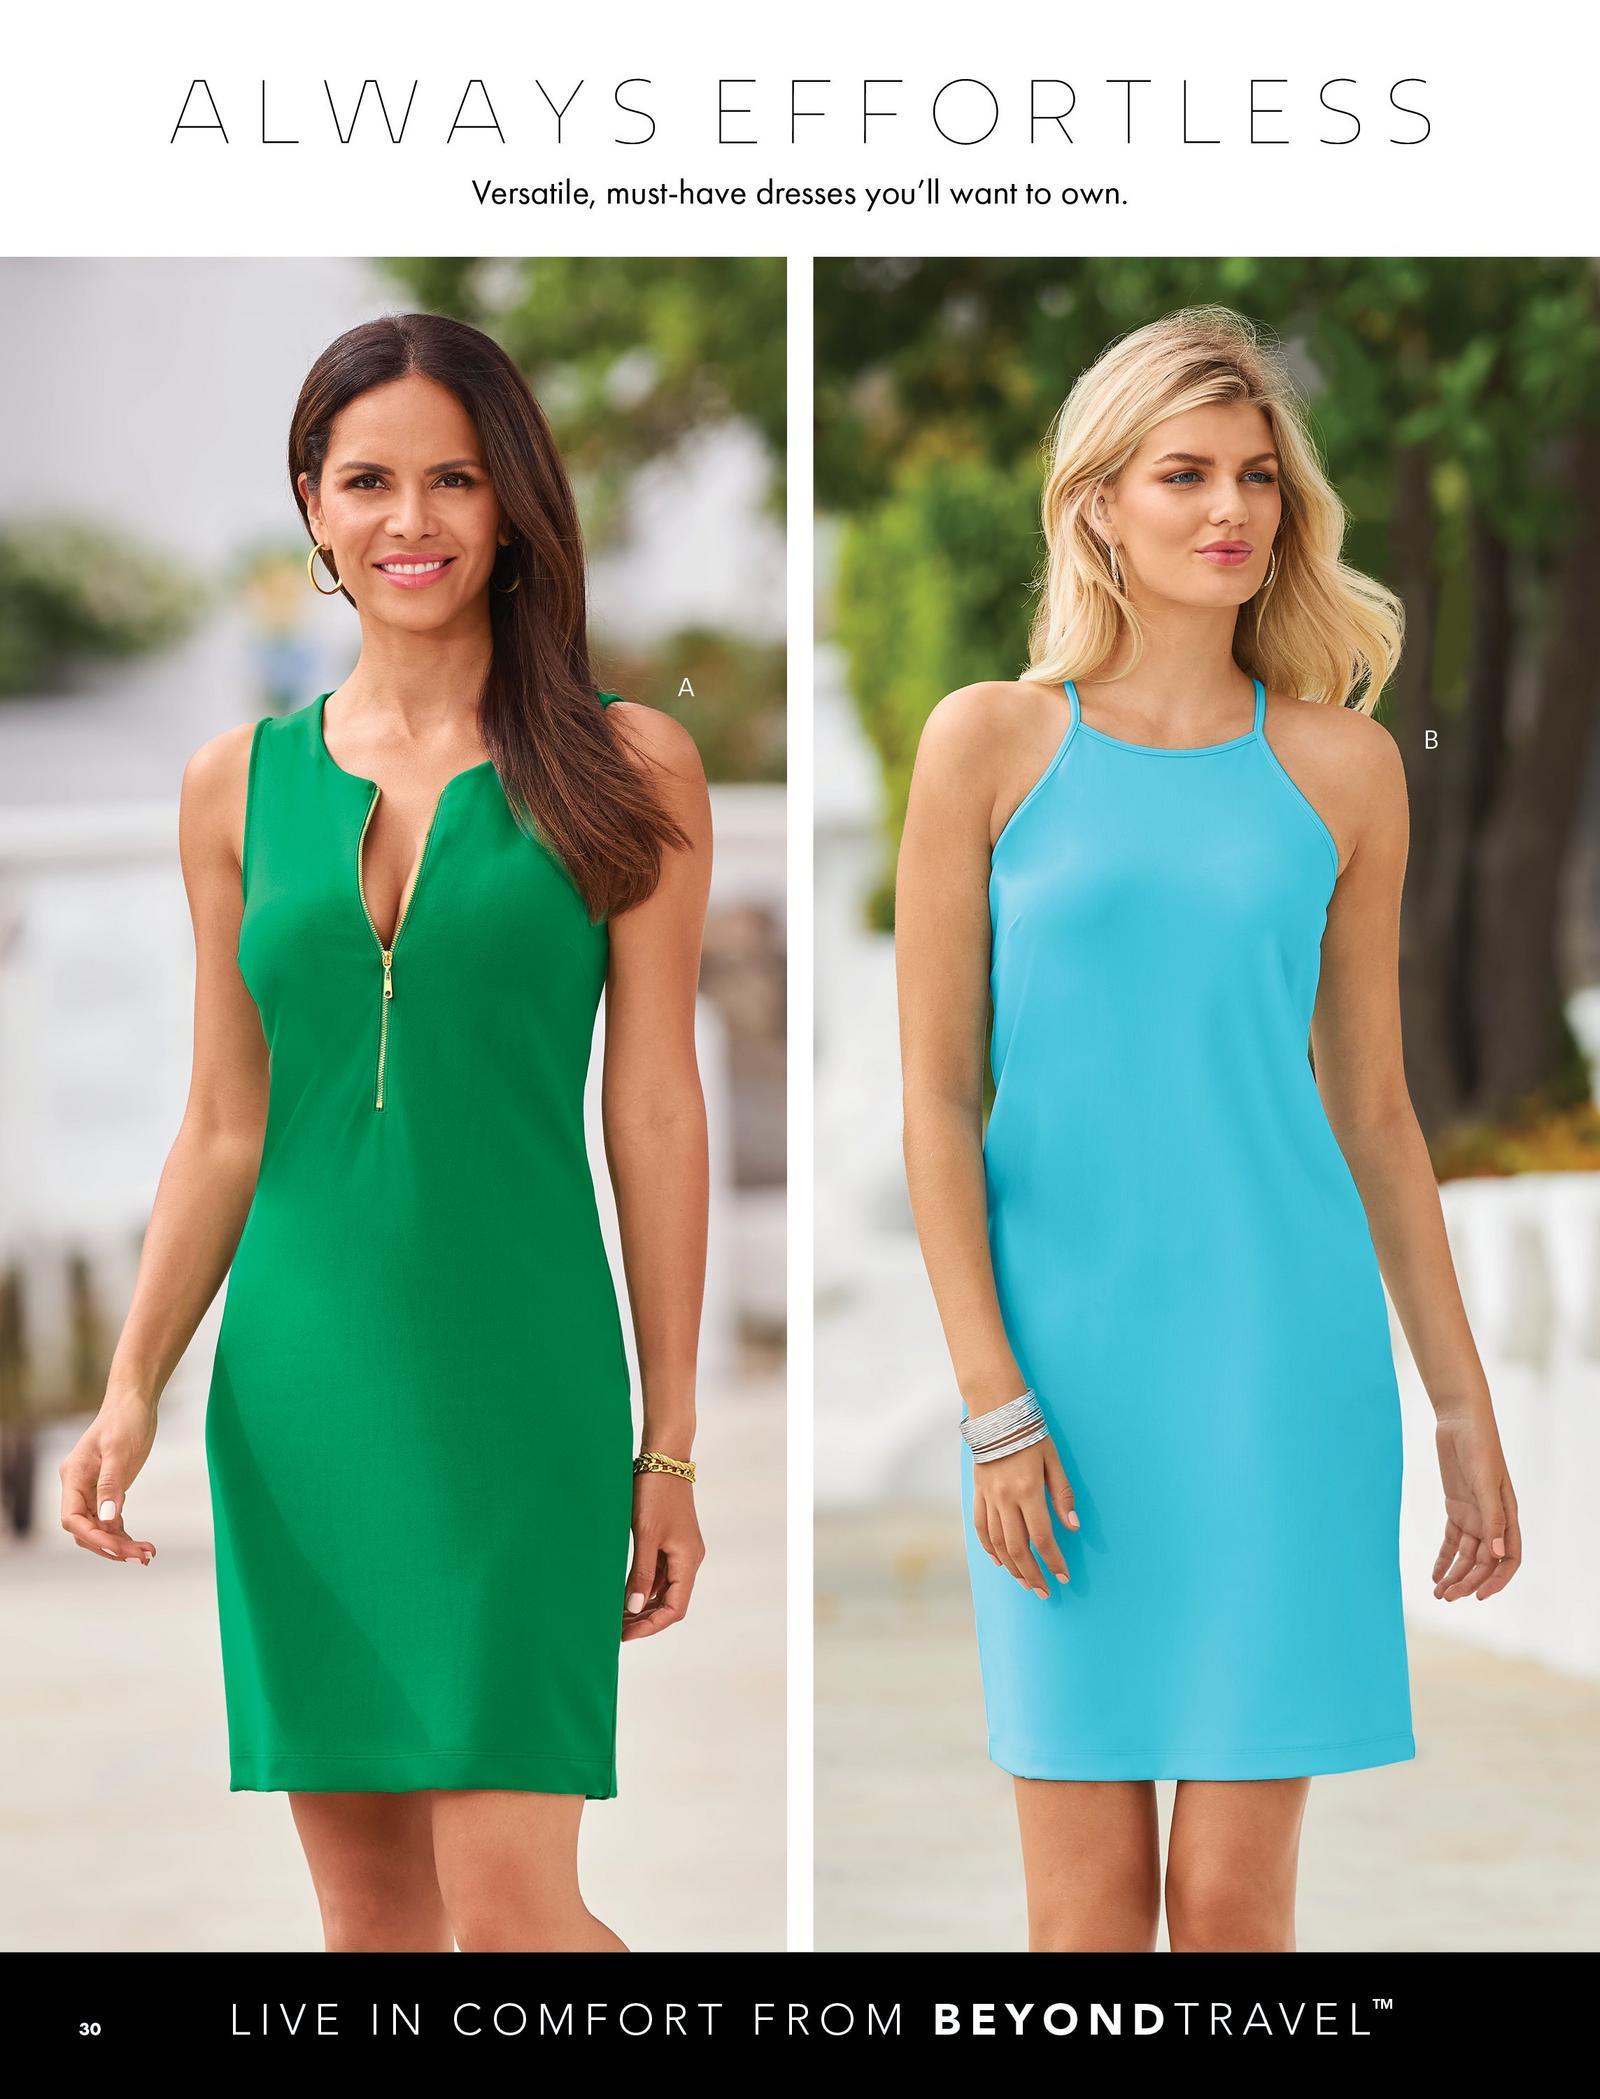 left model wearing a green sleeveless zipper dress. right model wearing a light blue high-neck sleeveless dress.